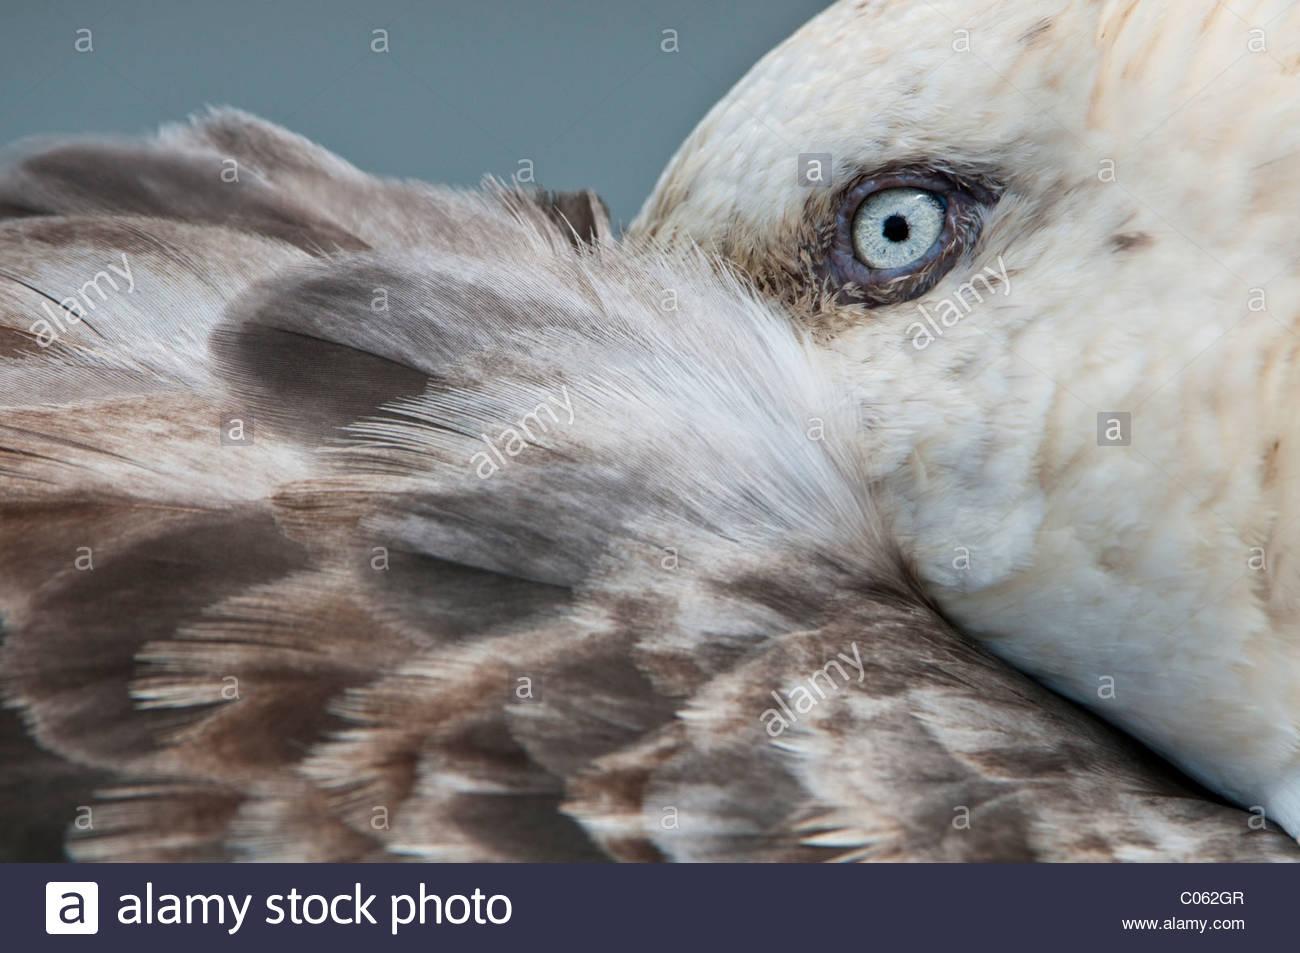 Südlichen Giant Petrel mit Bill versteckt unter seine Fittiche, Stromness, Südgeorgien, Süd-Atlantik Stockbild